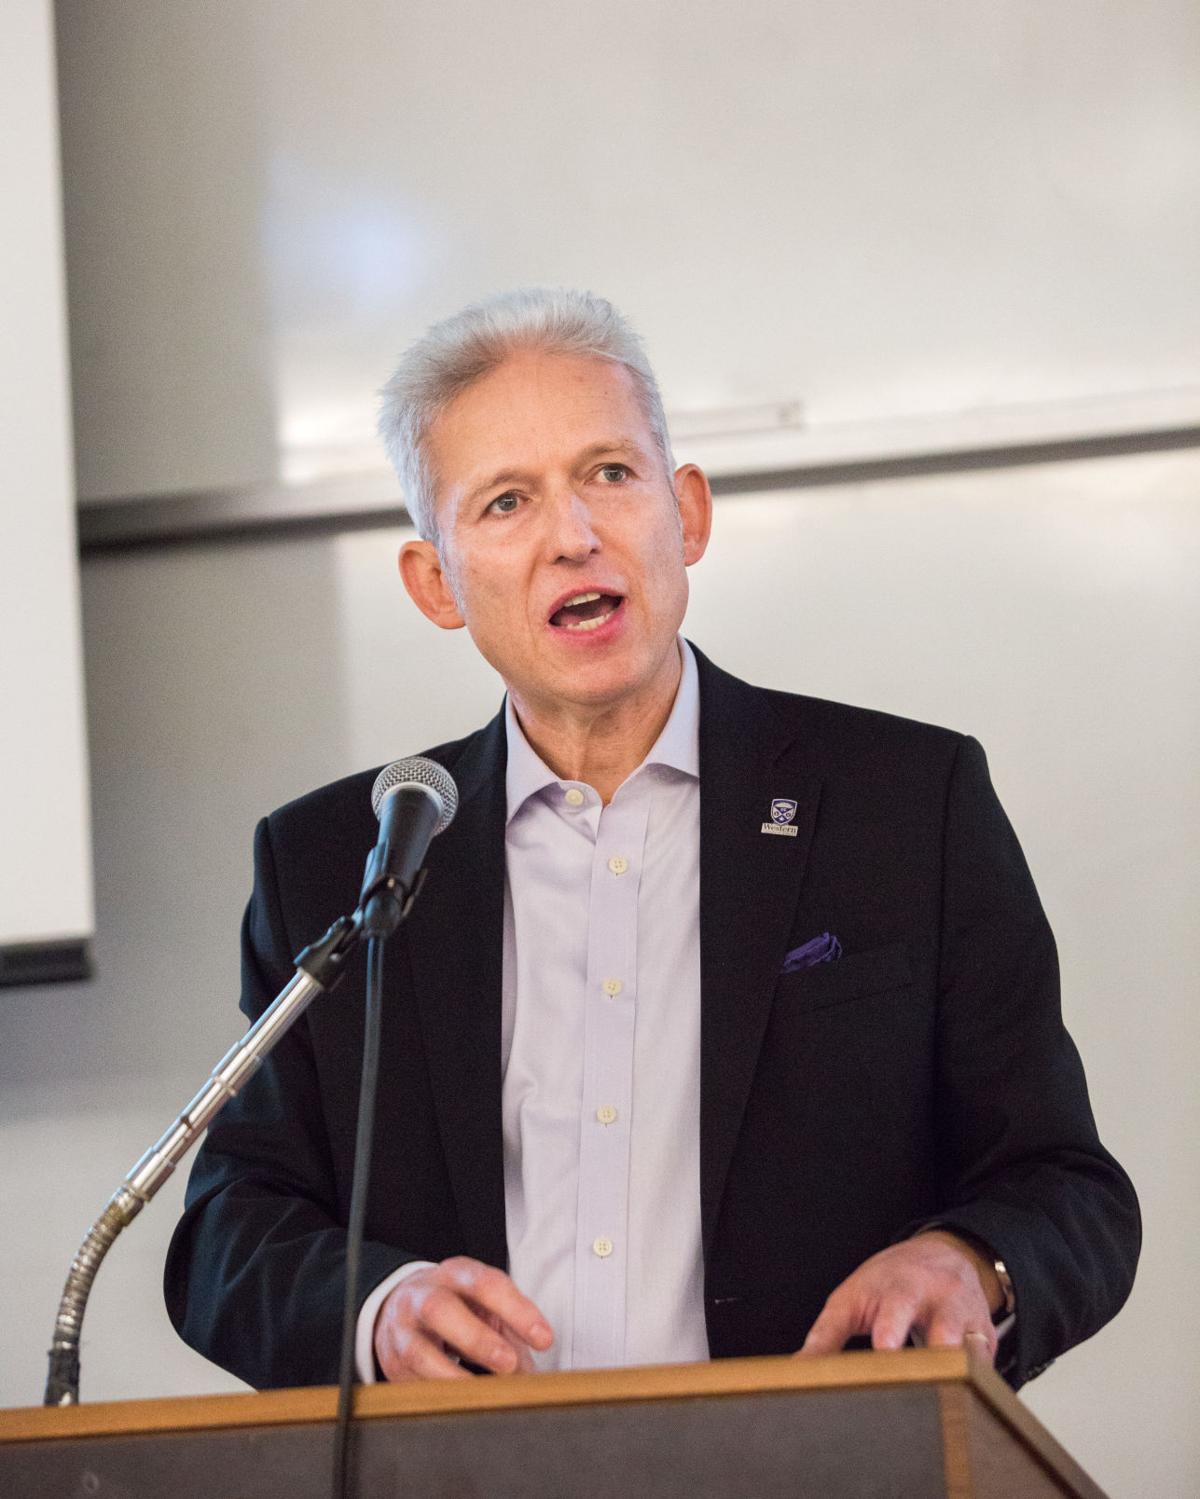 Michael Milde at senate (Photo)